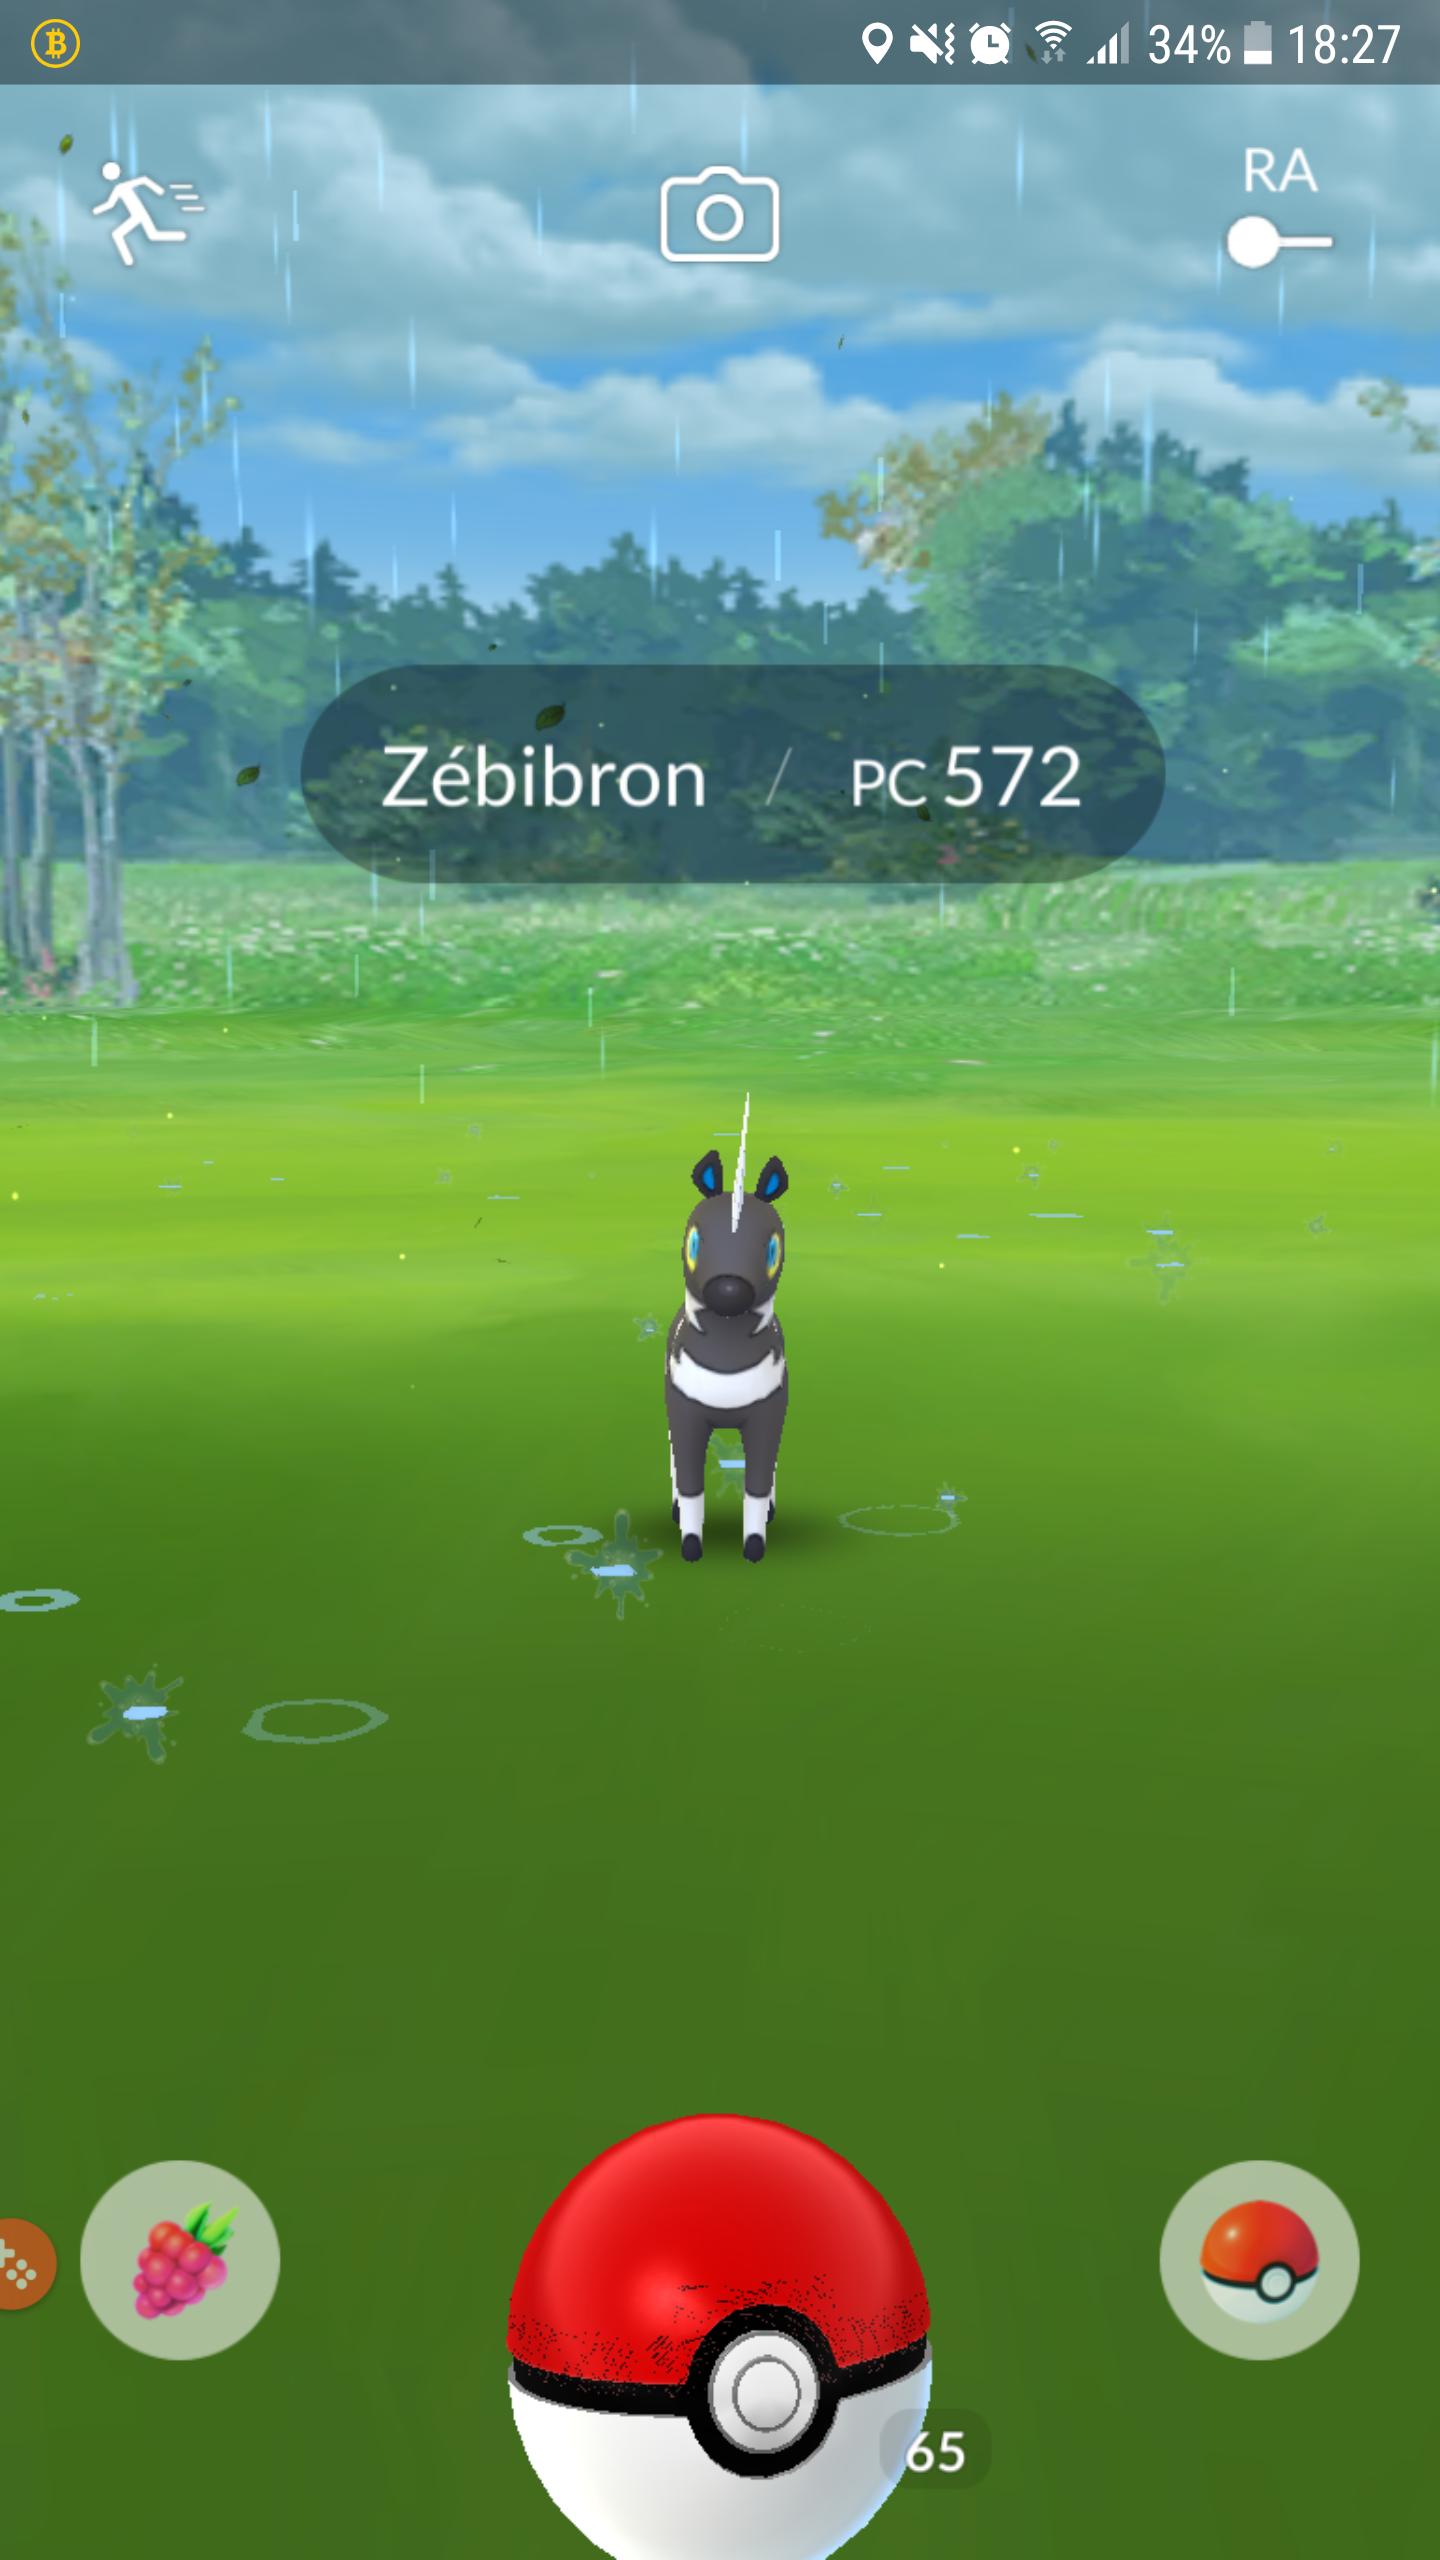 Pokémon Go - Zébibron - Pc 572